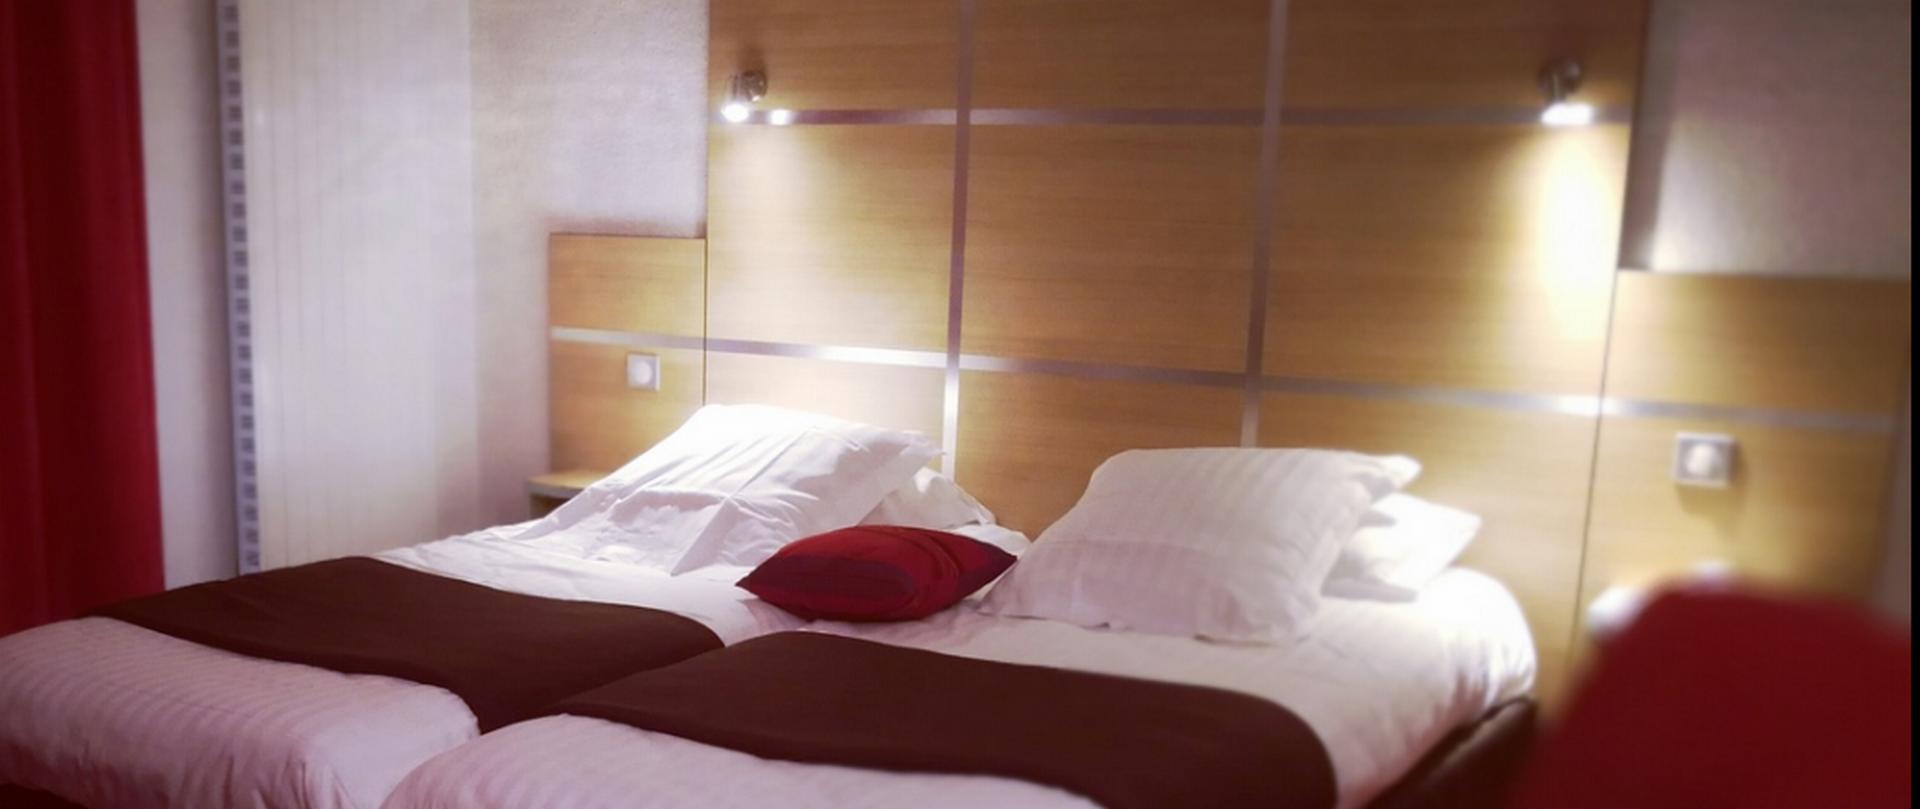 h tel le chris 39 tel h tel le puy en velay plein centre ville. Black Bedroom Furniture Sets. Home Design Ideas